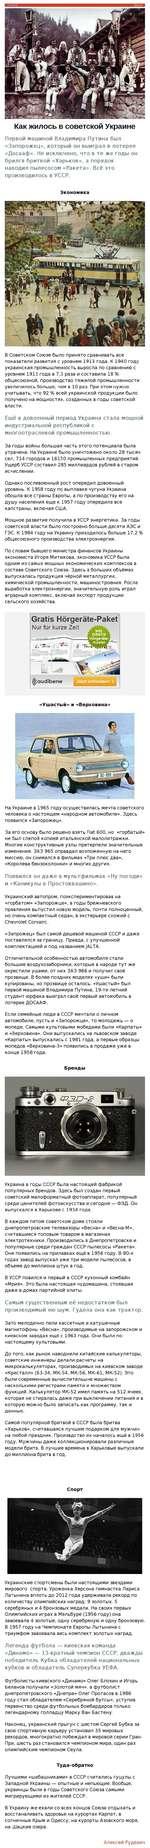 Как жилось в советской Украине Первой машиной Владимира Путина был «Запорожец», который он выиграл в лотерее «Досааф». Не исключено, что в те же годы он брился бритвой «Харьков», а порядок наводил пылесосом «Ракета». Всё это производилось в УССР. Экономика В Советском Союзе было принято сравнива